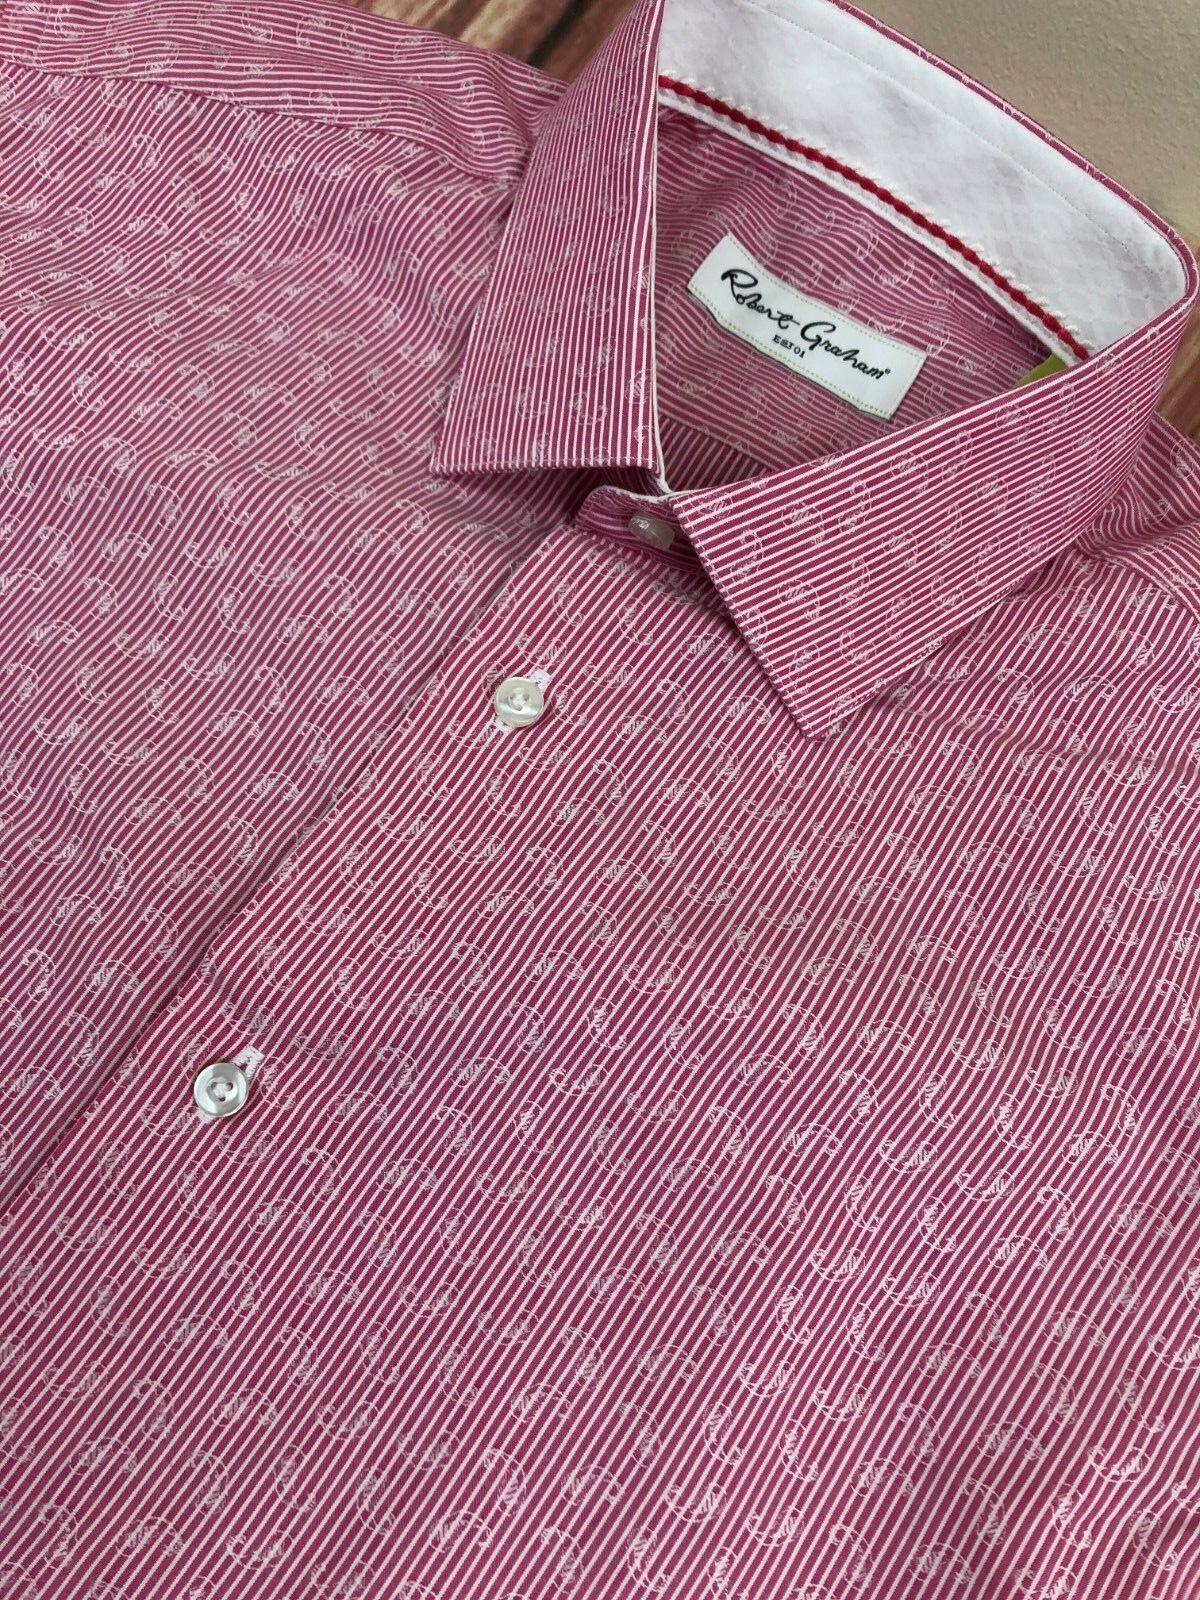 Herren Robert Graham Luxury Leaf Weiß ROT Striped Pattern Shirt Größe 15.5'' /39